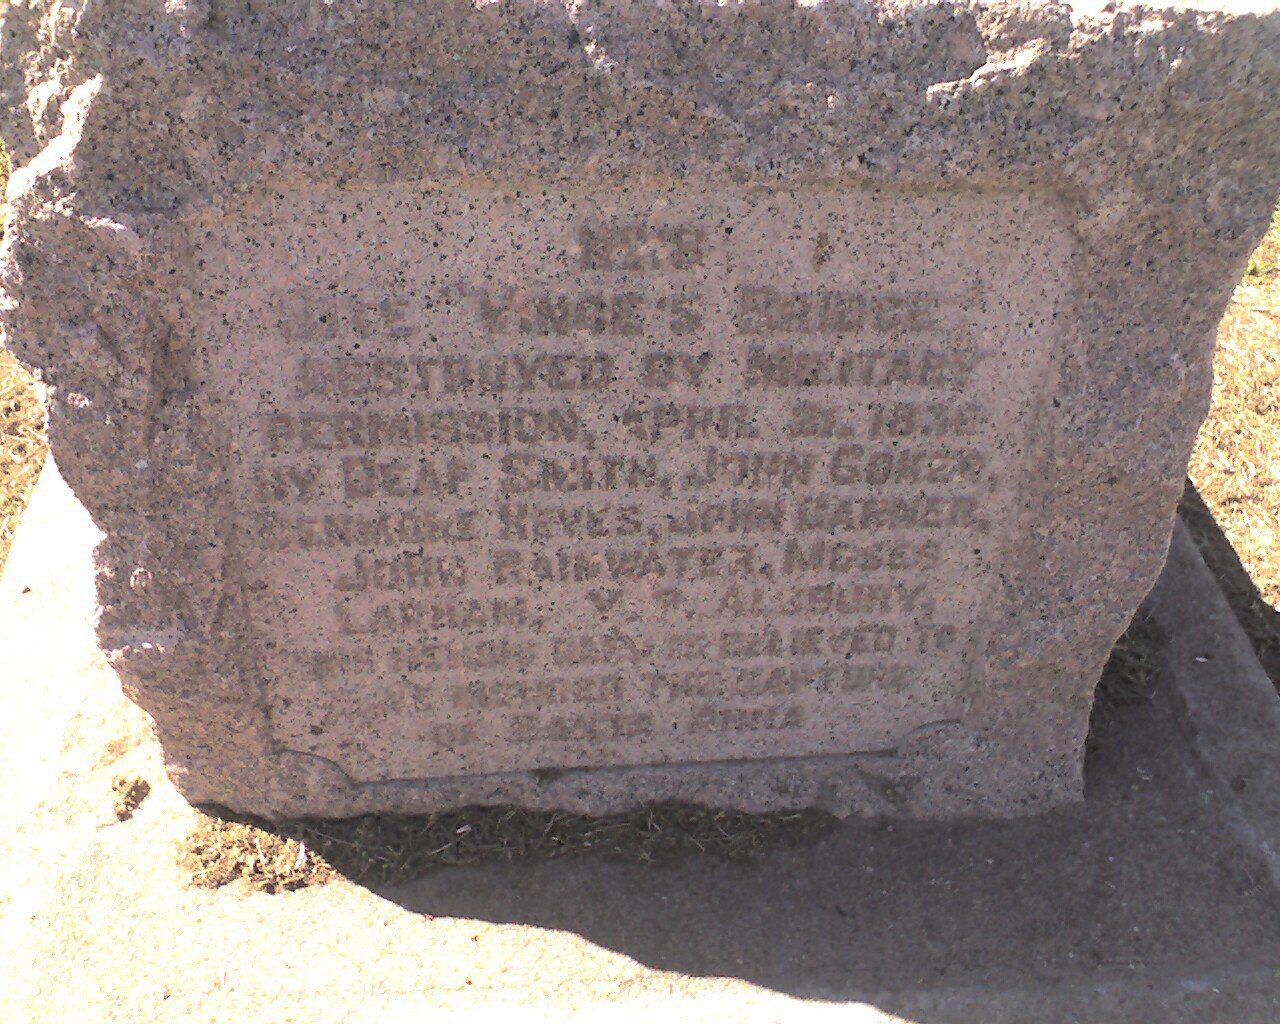 Santa Anna capture